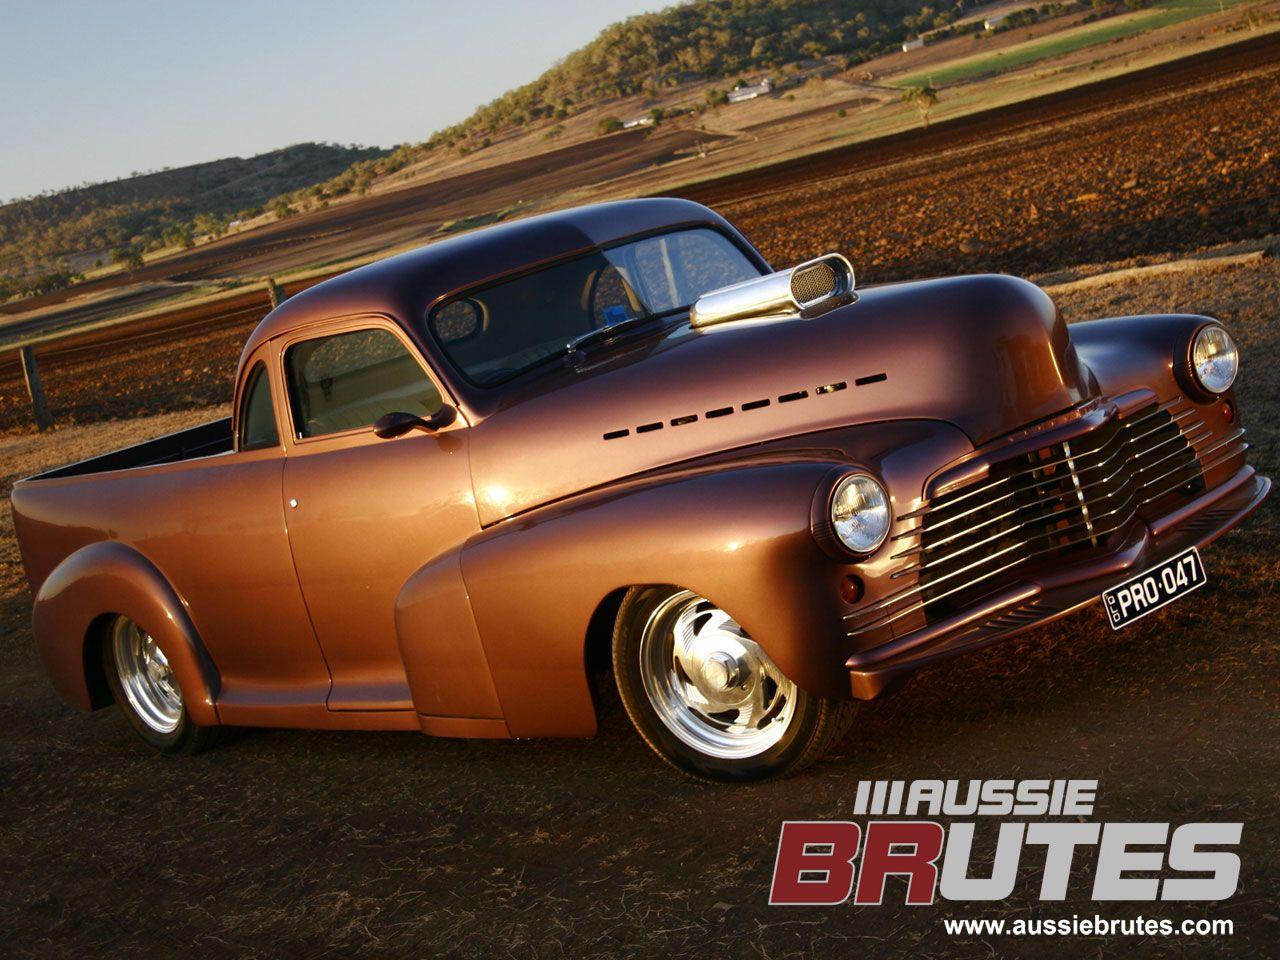 New Motors Subaru Erie Pa >> Peach Motors - impremedia.net